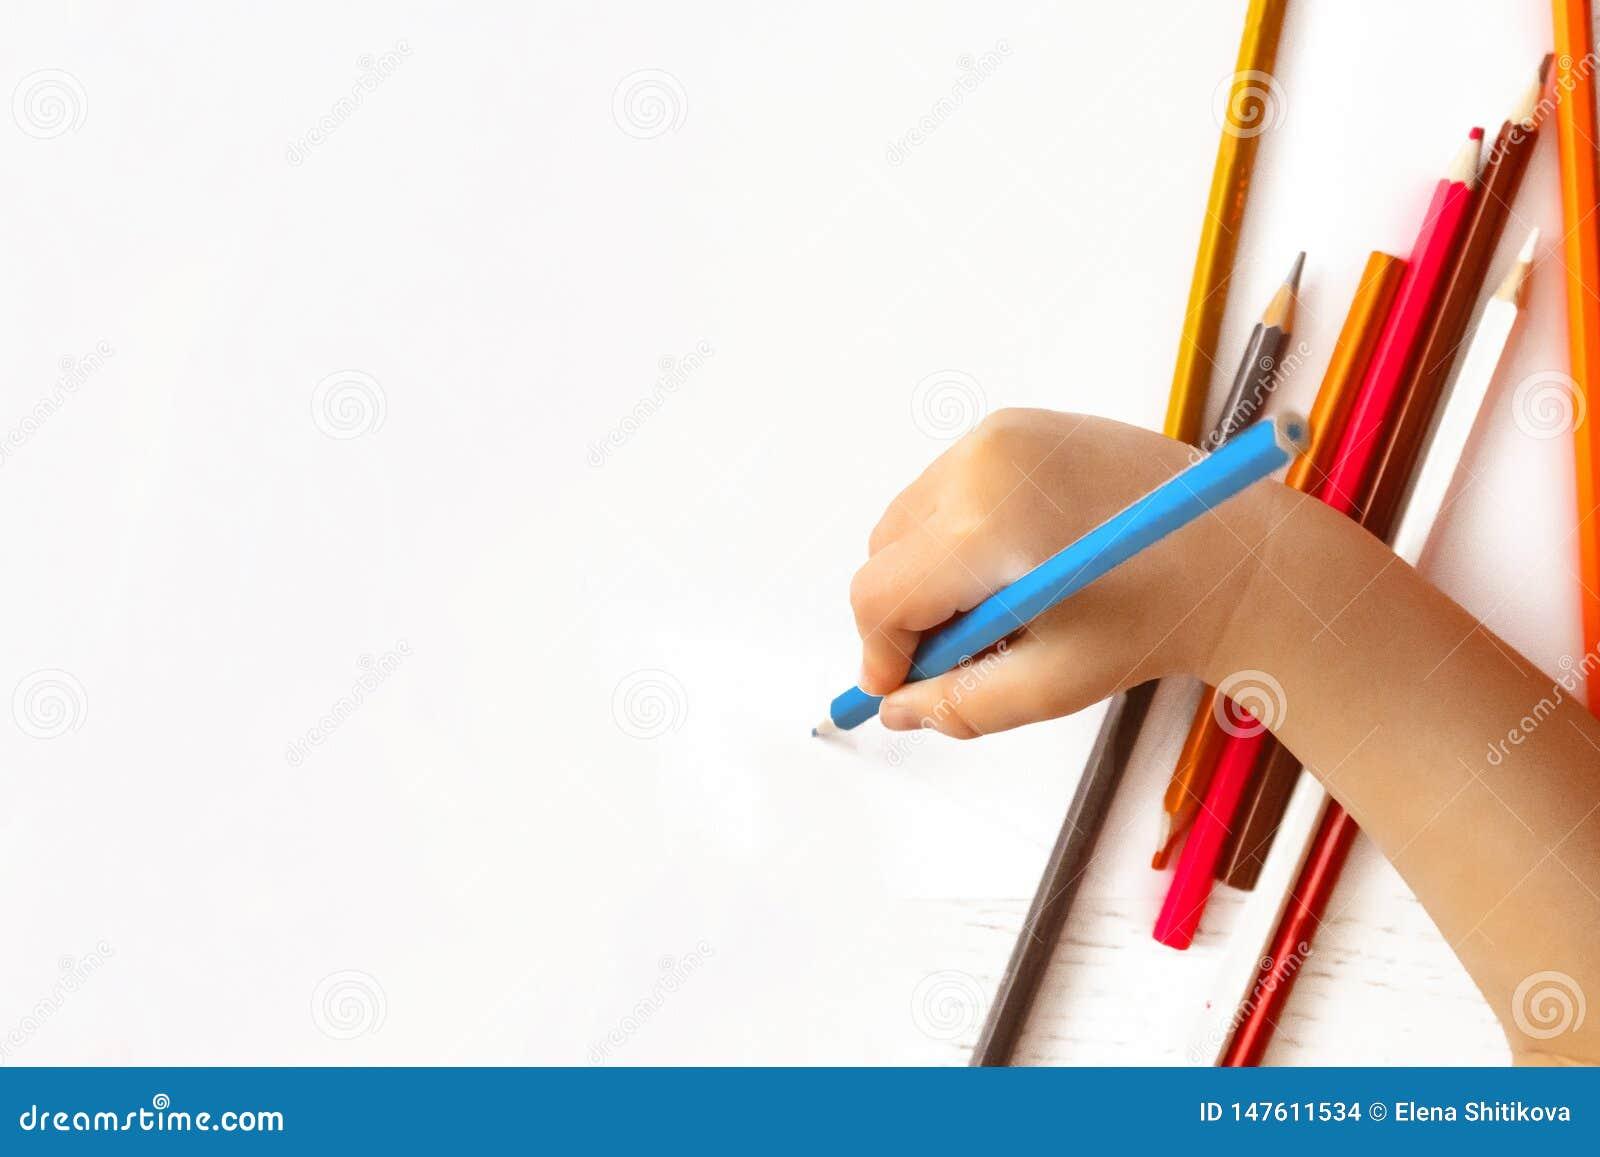 Το χέρι των παιδιών επισύρει την προσοχή ένα μολύβι στη Λευκή Βίβλο